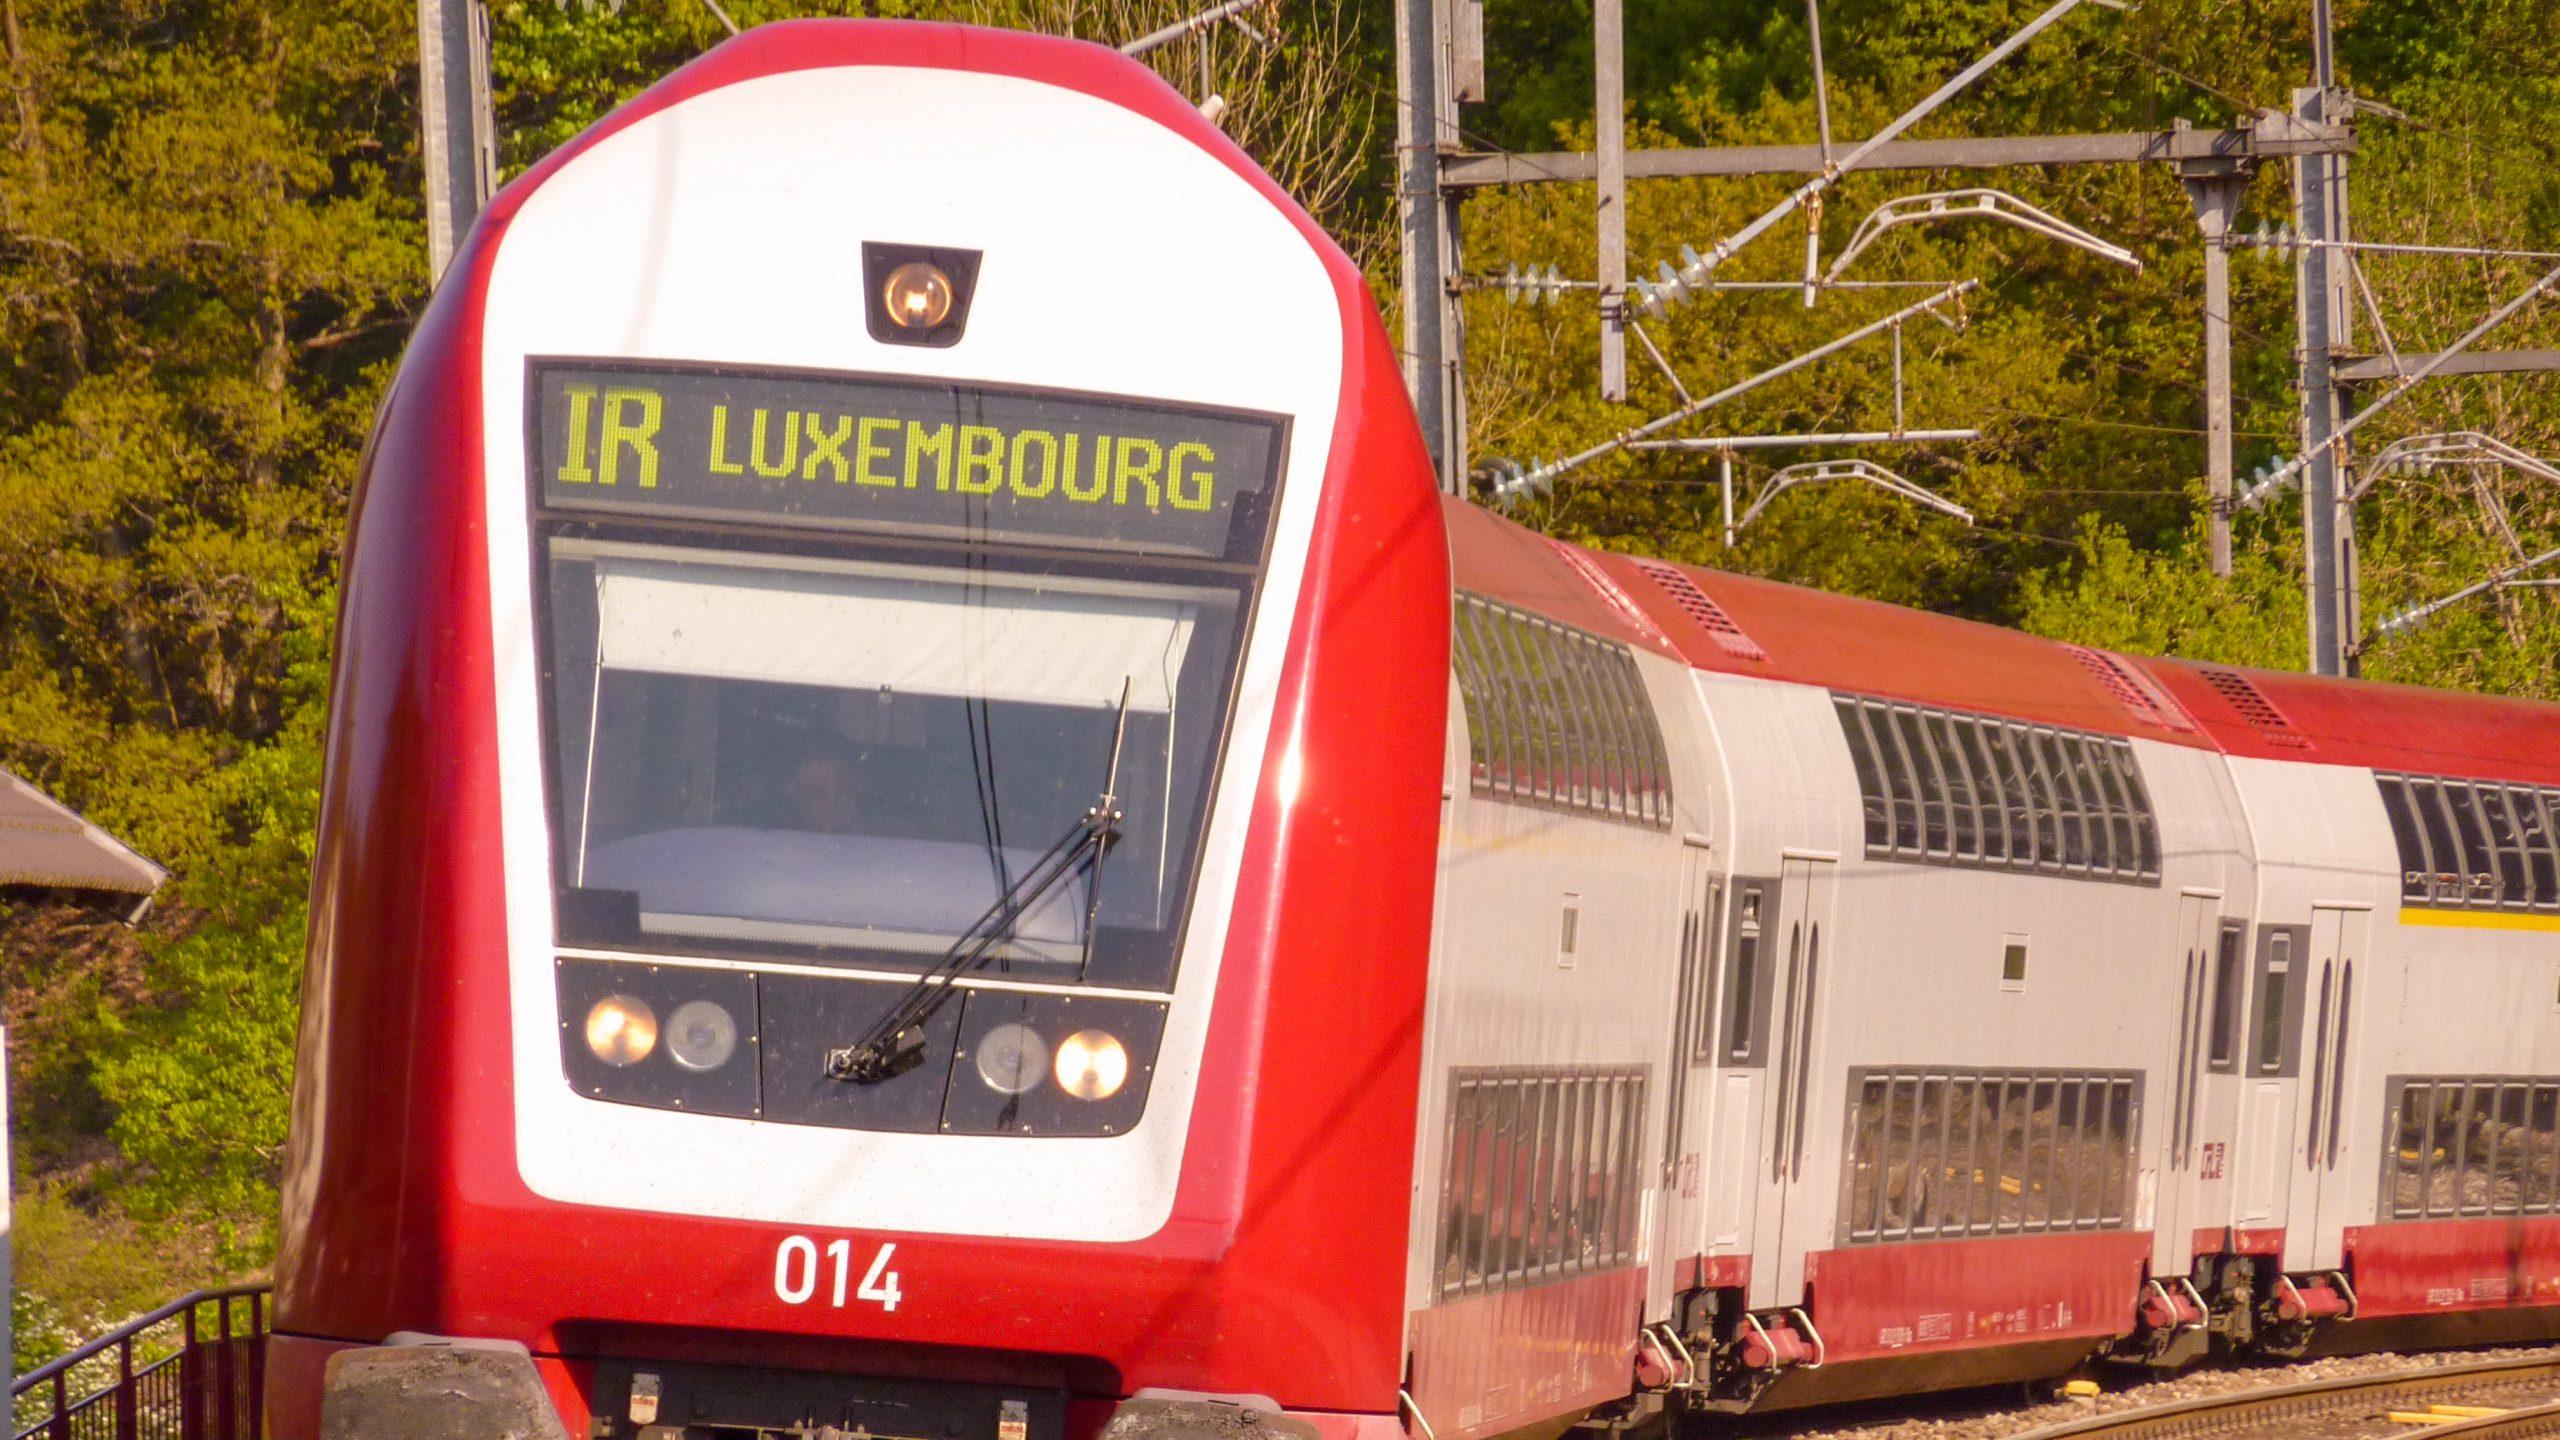 ehir tren scaled - Lüksemburg Kısa Kısa Stajyer ve Beyaz Yakalılara